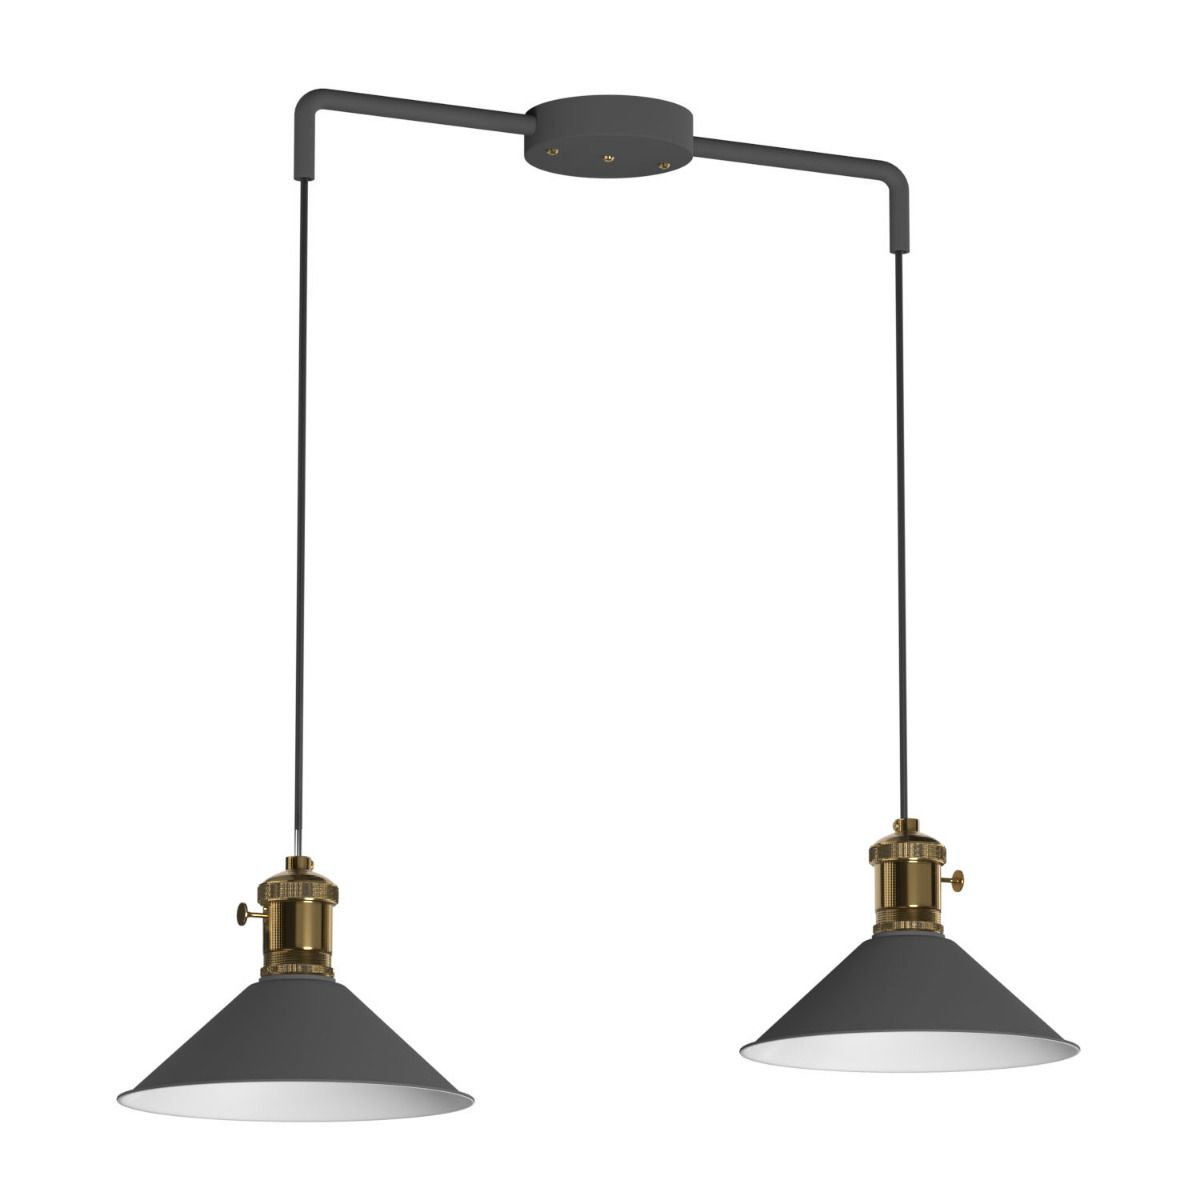 Κρεμαστό φωτιστικό δίφωτο 2xE27 σε χρώμα γκρί με μπρονζέ λεπτομέρειες DB-MA0056-2